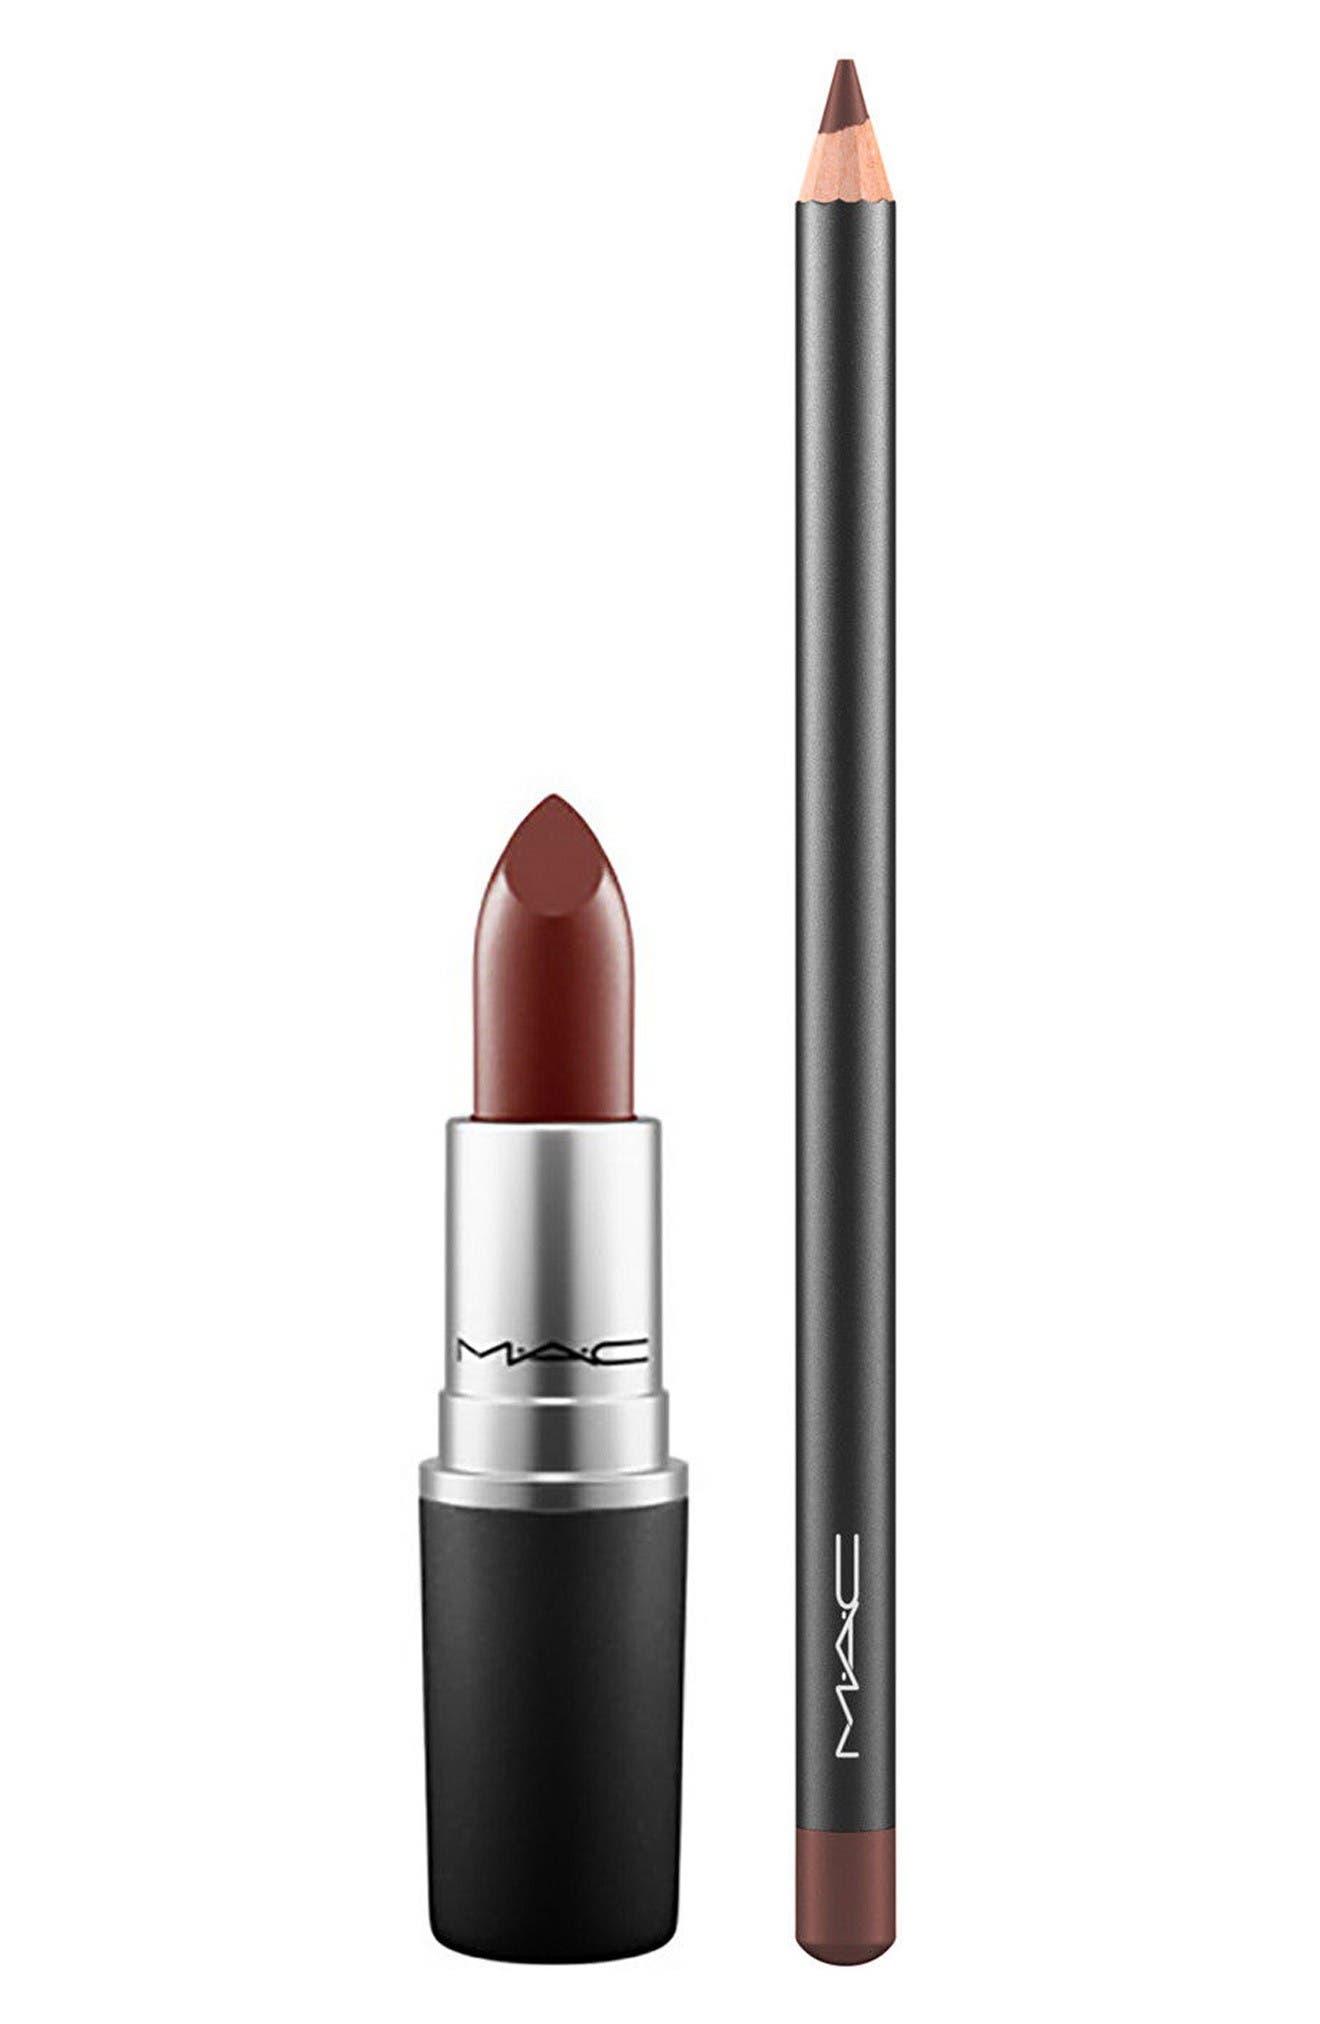 MAC Antique Velvet & Chestnut Lipstick & Lip Pencil Duo